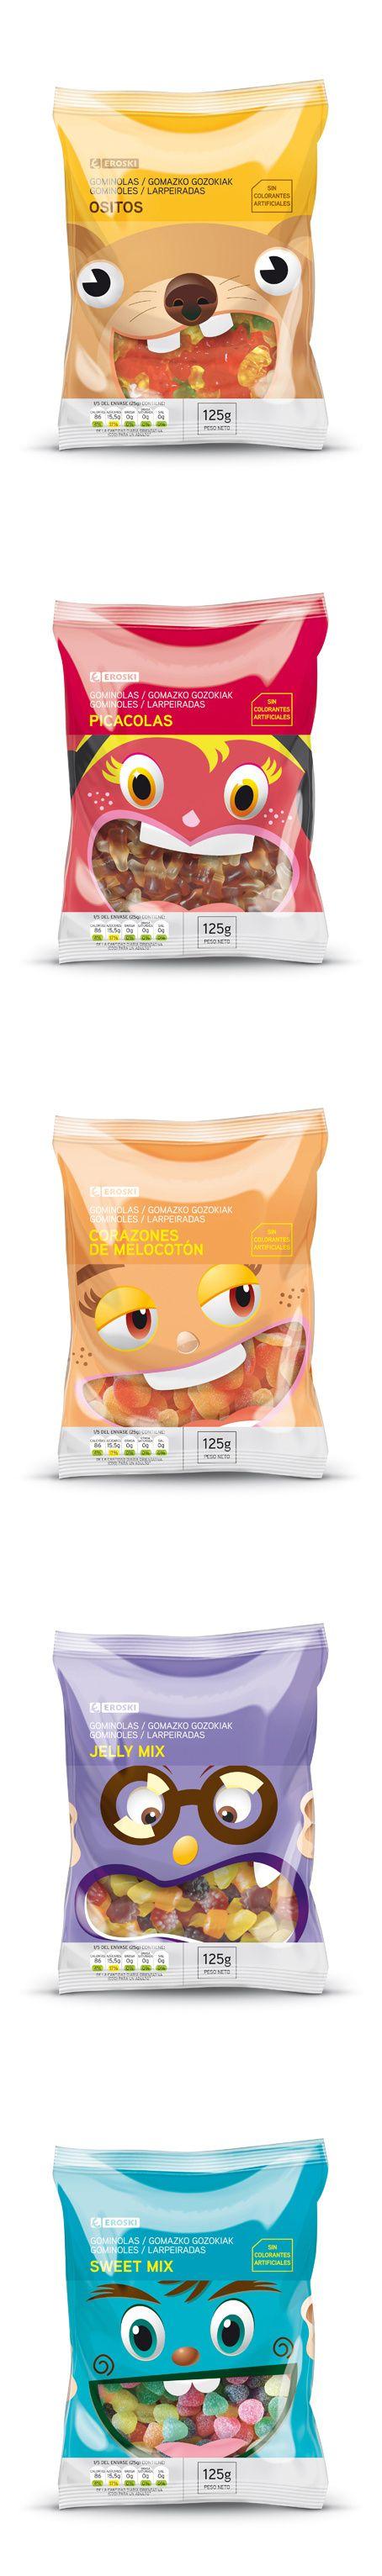 EROSKI snacks for the packaging smile file : )